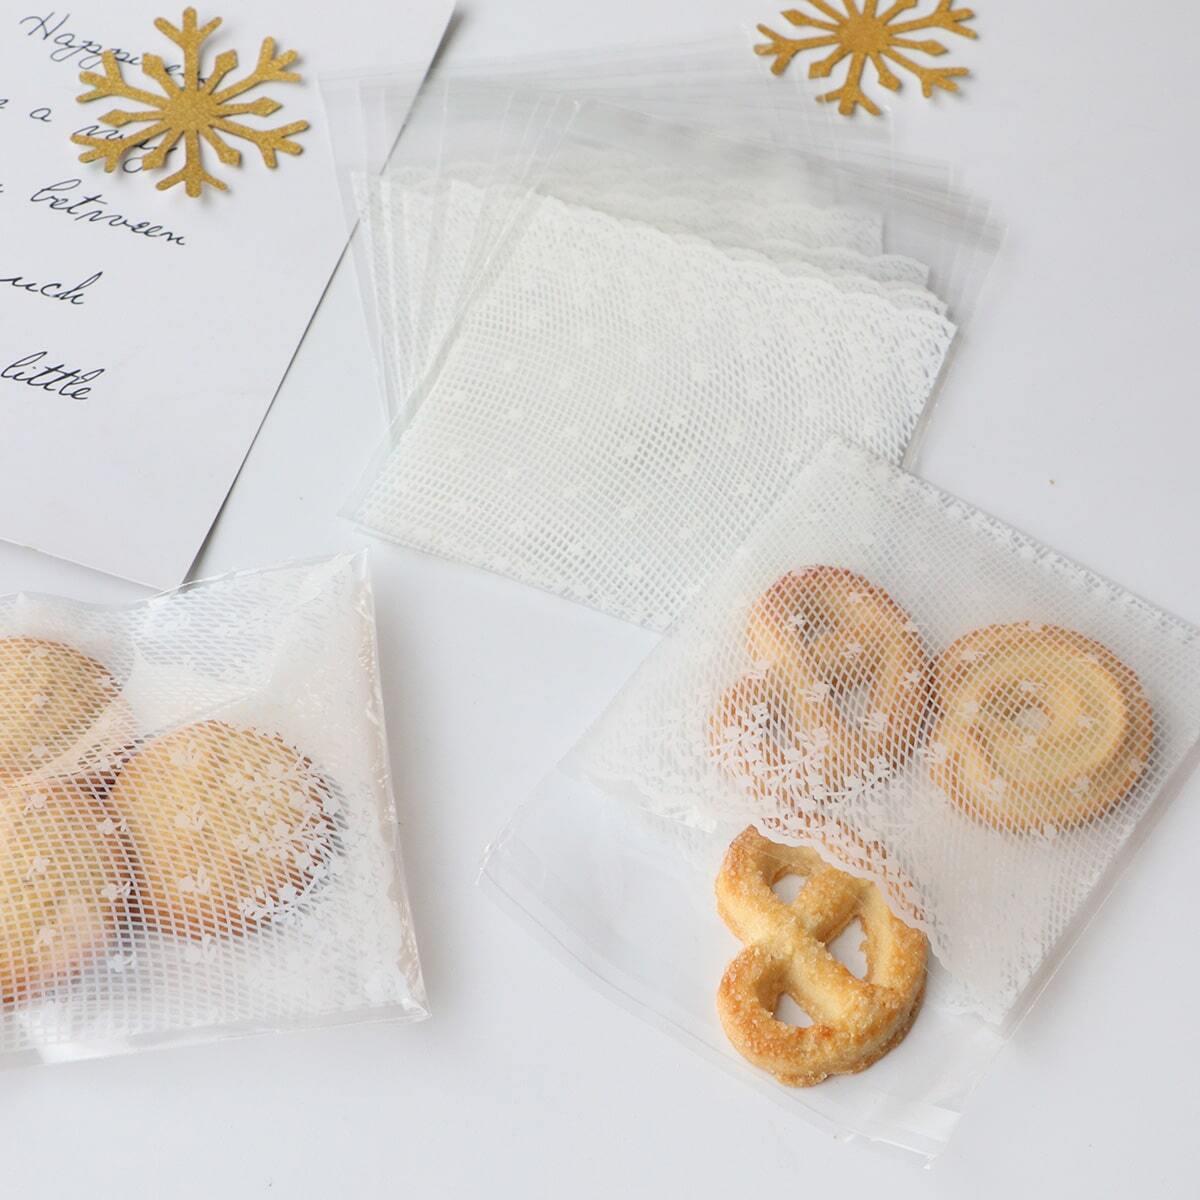 Kant print koekjes pakket zak 100st